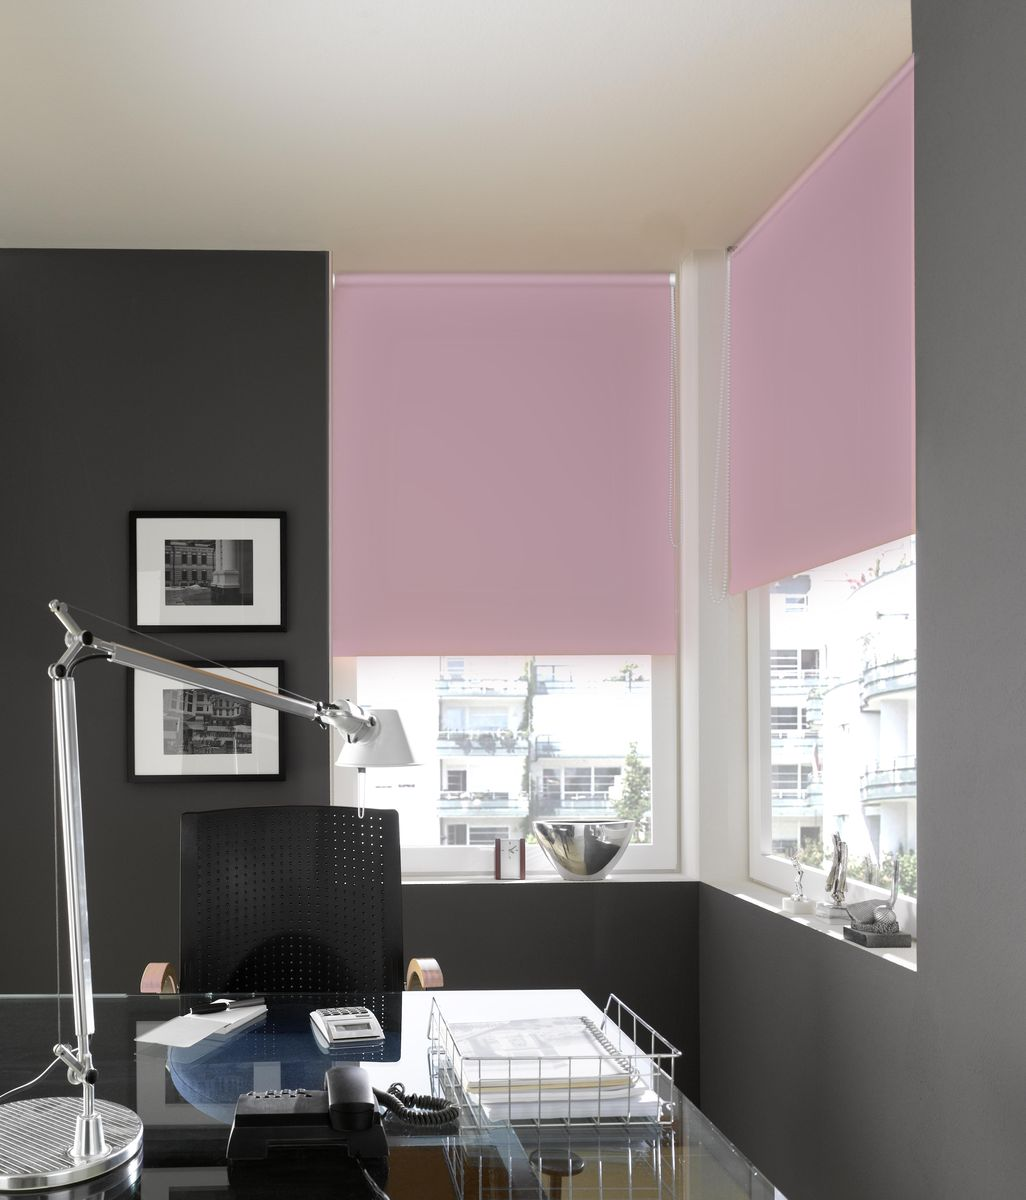 Штора рулонная Эскар Миниролло. Blackout, светонепроницаемые, цвет: розовый, ширина 68 см, высота 170 см34933068170Рулонными шторами Эскар Миниролло. Blackout можно оформлять окна как самостоятельно, так и использовать в комбинации с портьерами. Это поможет предотвратить выгорание дорогой ткани на солнце и соединит функционал рулонных с красотой навесных. Преимущества применения рулонных штор для пластиковых окон: - имеют прекрасный внешний вид: многообразие и фактурность материала изделия отлично смотрятся в любом интерьере;- многофункциональны: есть возможность подобрать шторы способные эффективно защитить комнату от солнца, при этом она не будет слишком темной;- есть возможность осуществить быстрый монтаж.ВНИМАНИЕ! Размеры ширины изделия указаны по ширине ткани! Во время эксплуатации не рекомендуется полностью разматывать рулон, чтобы не оторвать ткань от намоточного вала. В случае загрязнения поверхности ткани, чистку шторы проводят одним из способов, в зависимости от типа загрязнения:легкое поверхностное загрязнение можно удалить при помощи канцелярского ластика;чистка от пыли производится сухим методом при помощи пылесоса с мягкой щеткой-насадкой;для удаления пятна используйте мягкую губку с пенообразующим неагрессивным моющим средством или пятновыводитель на натуральной основе (нельзя применять растворители).